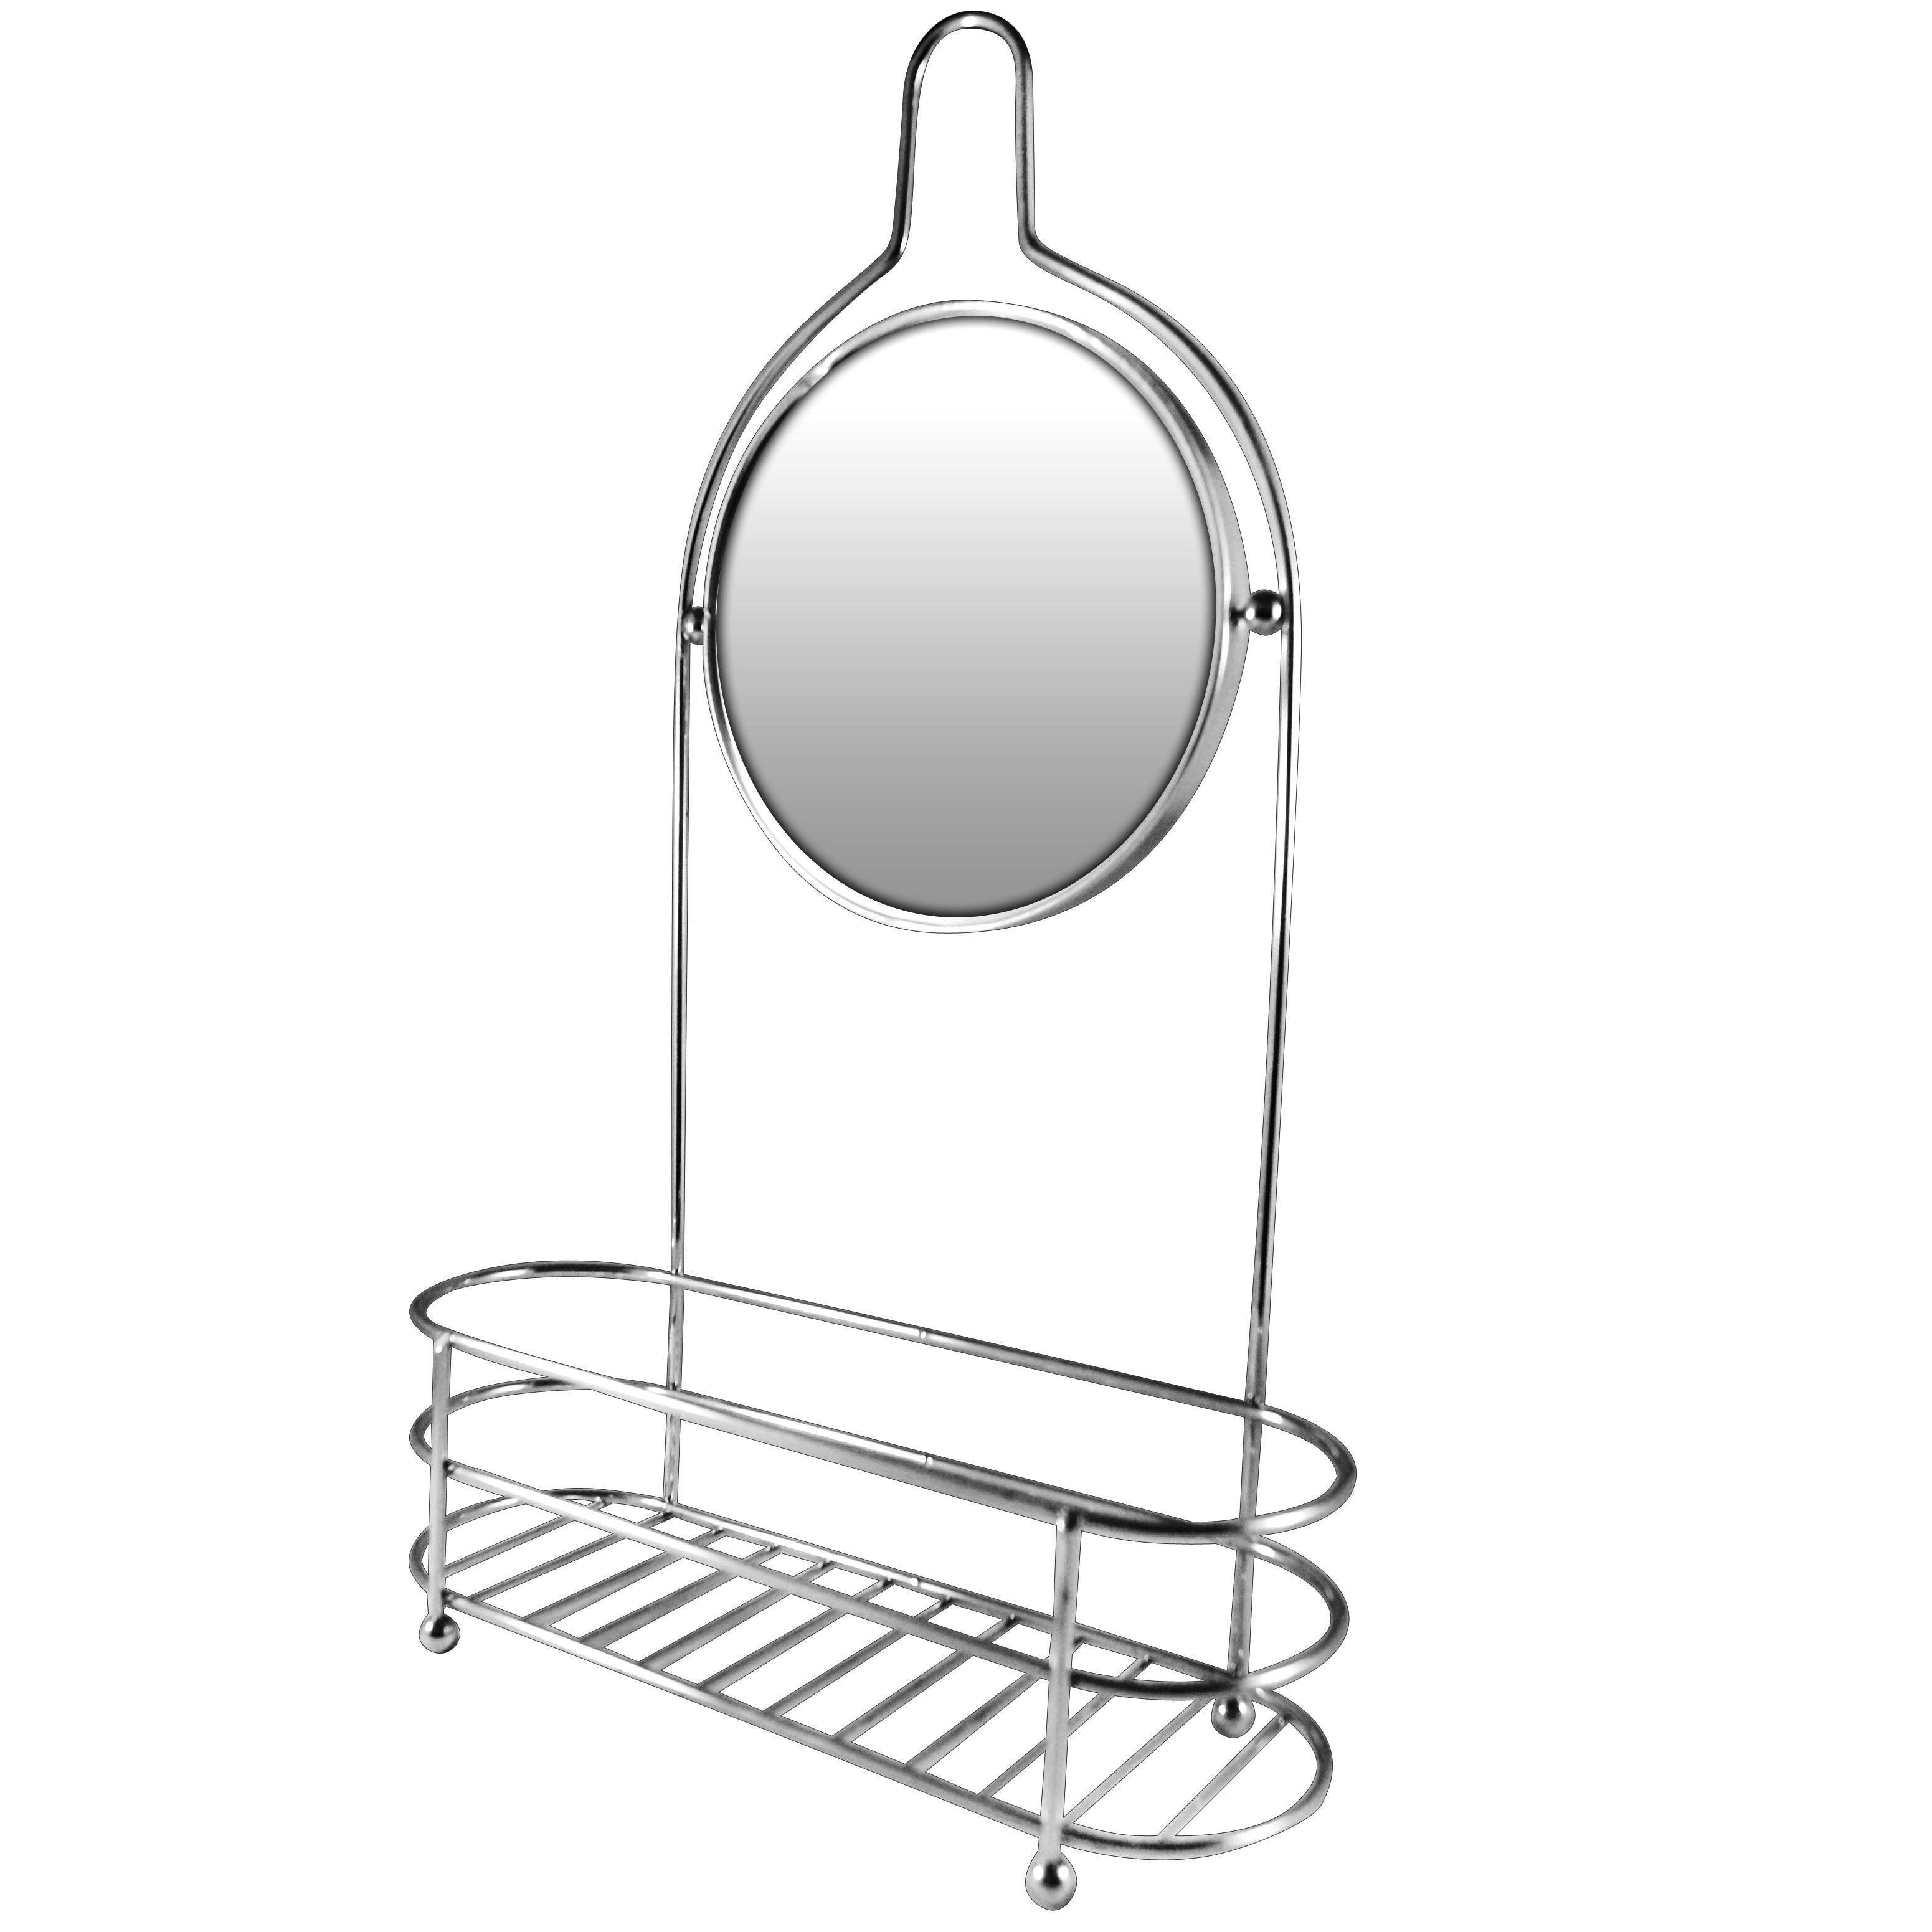 Shower Organizer With Round Fog-free Mirror | Products | Pinterest ...